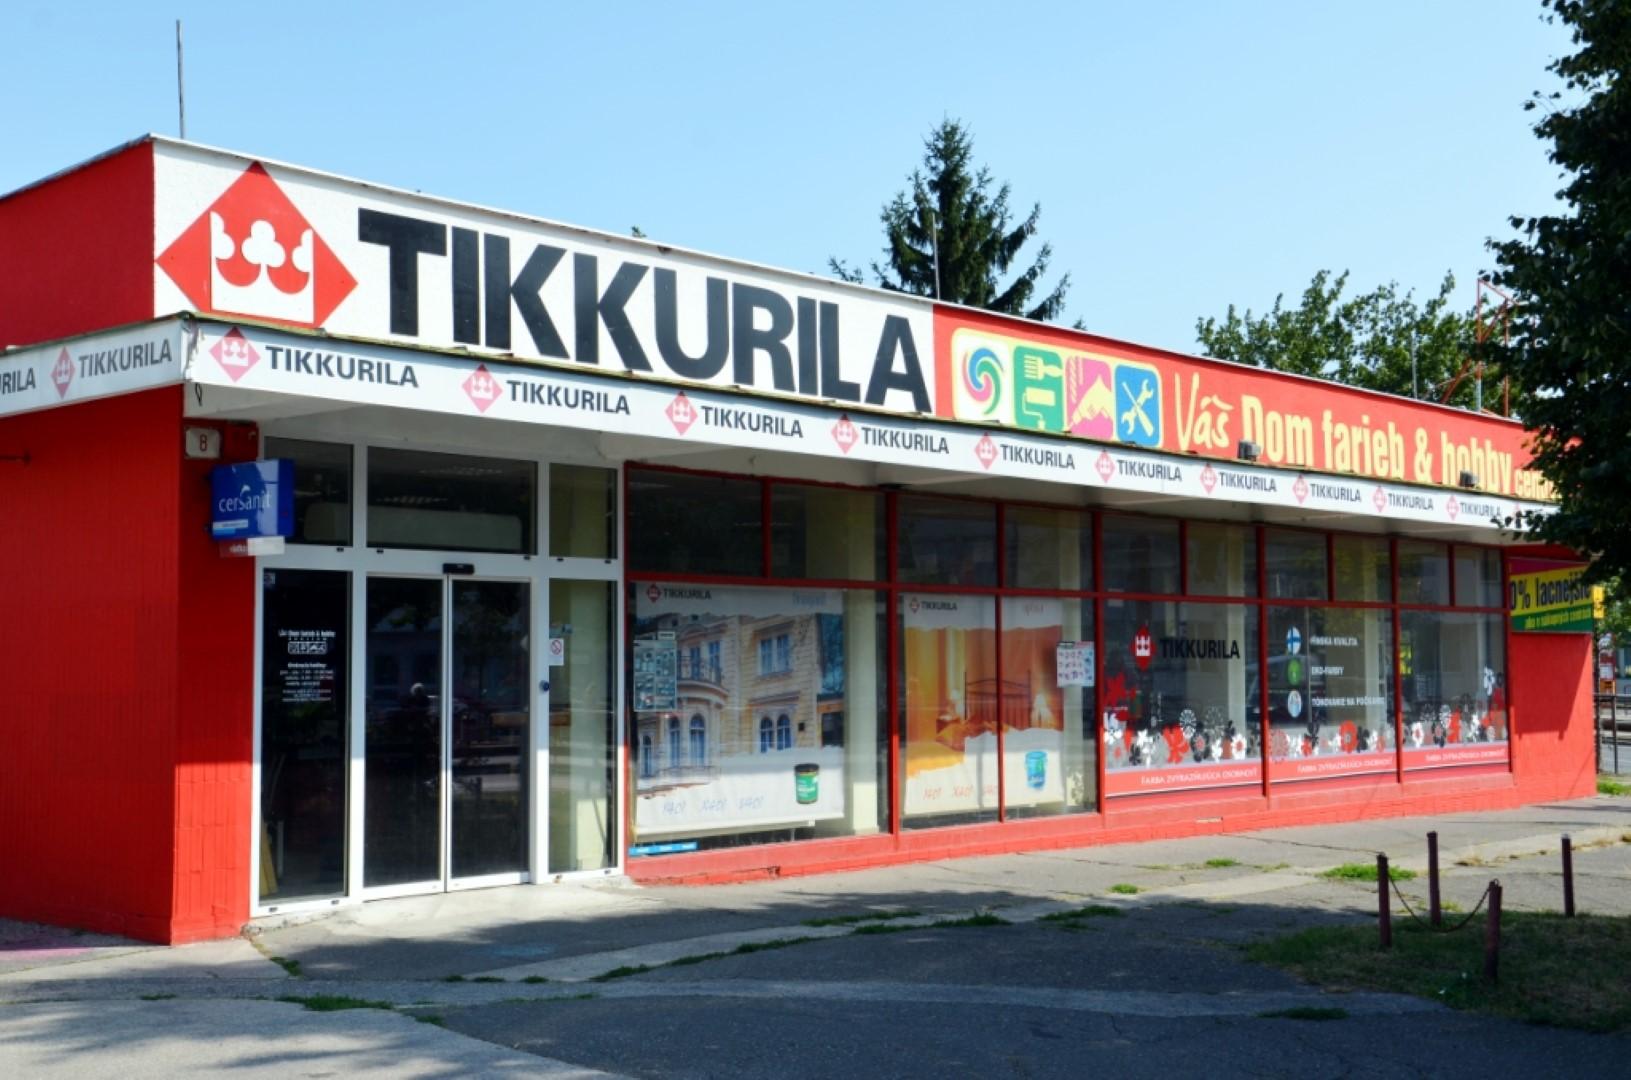 Váš dom farieb & hobby centrum Bratislava – Nové Mesto